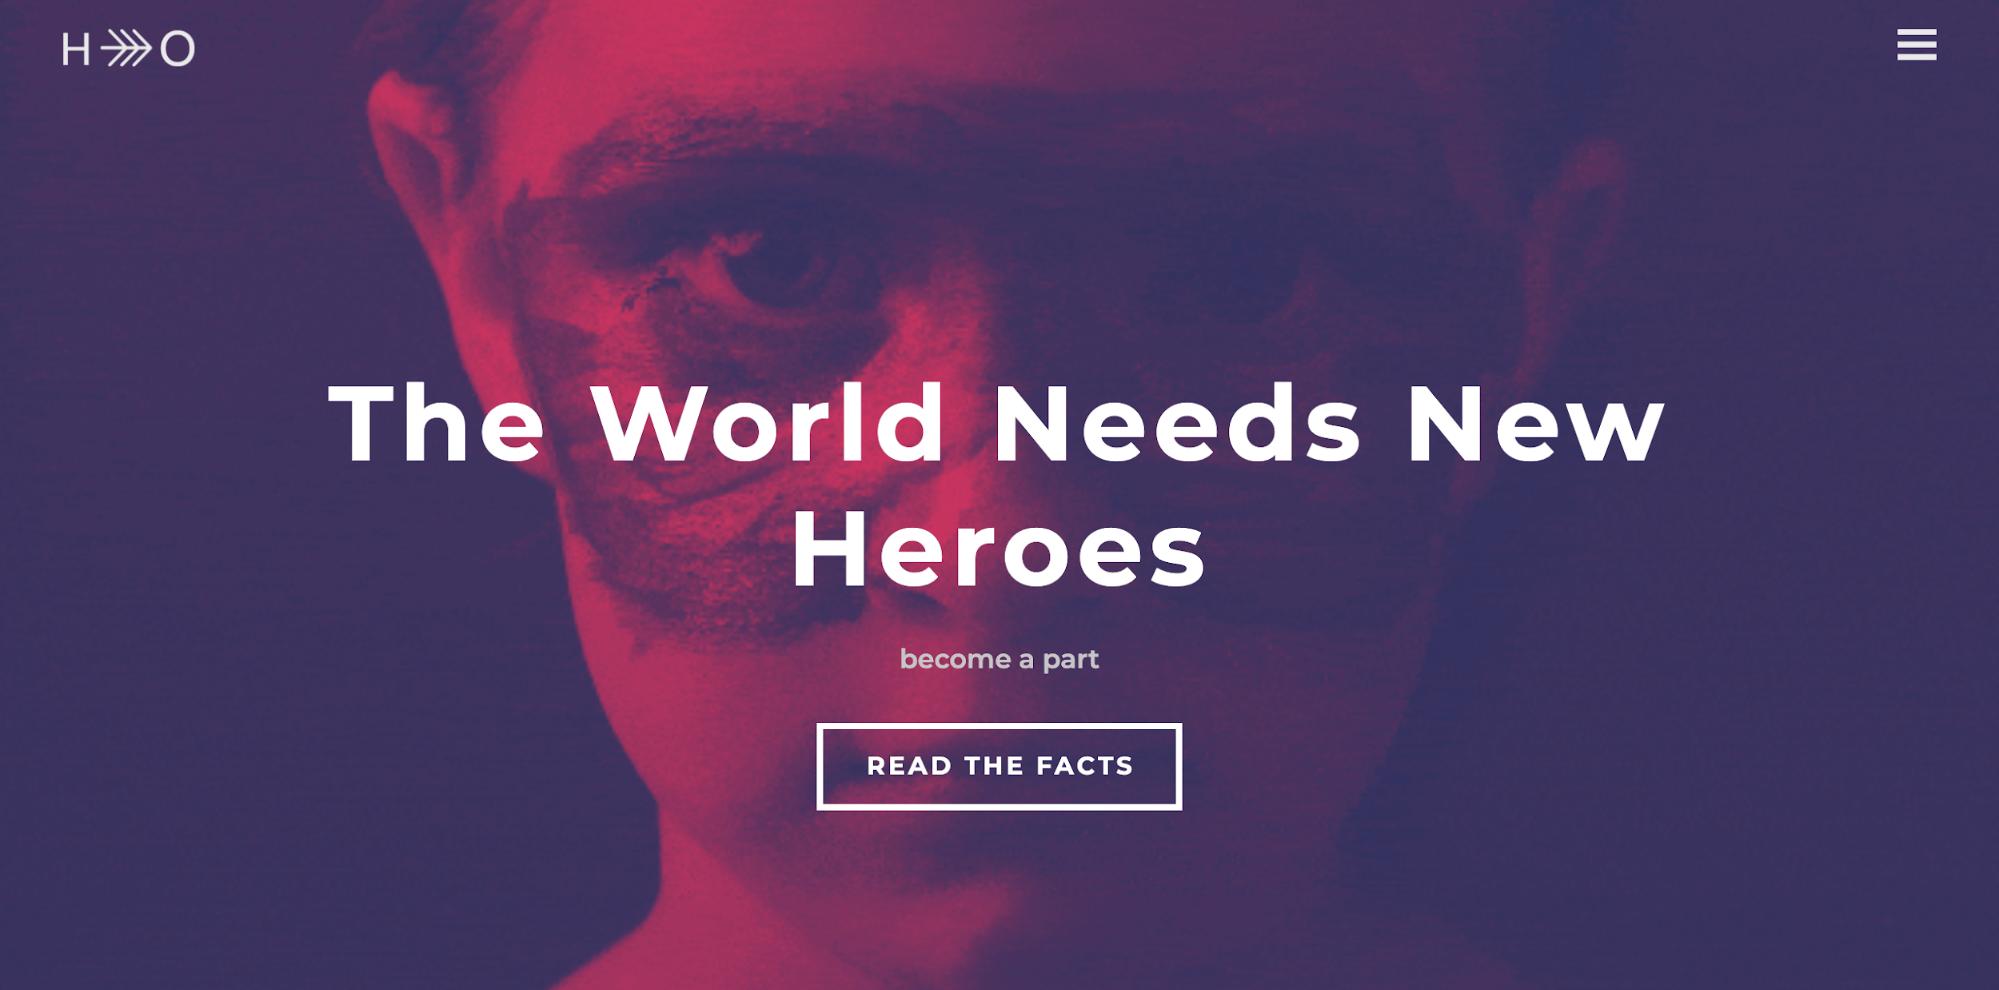 Hero-ngo website template-ucraft